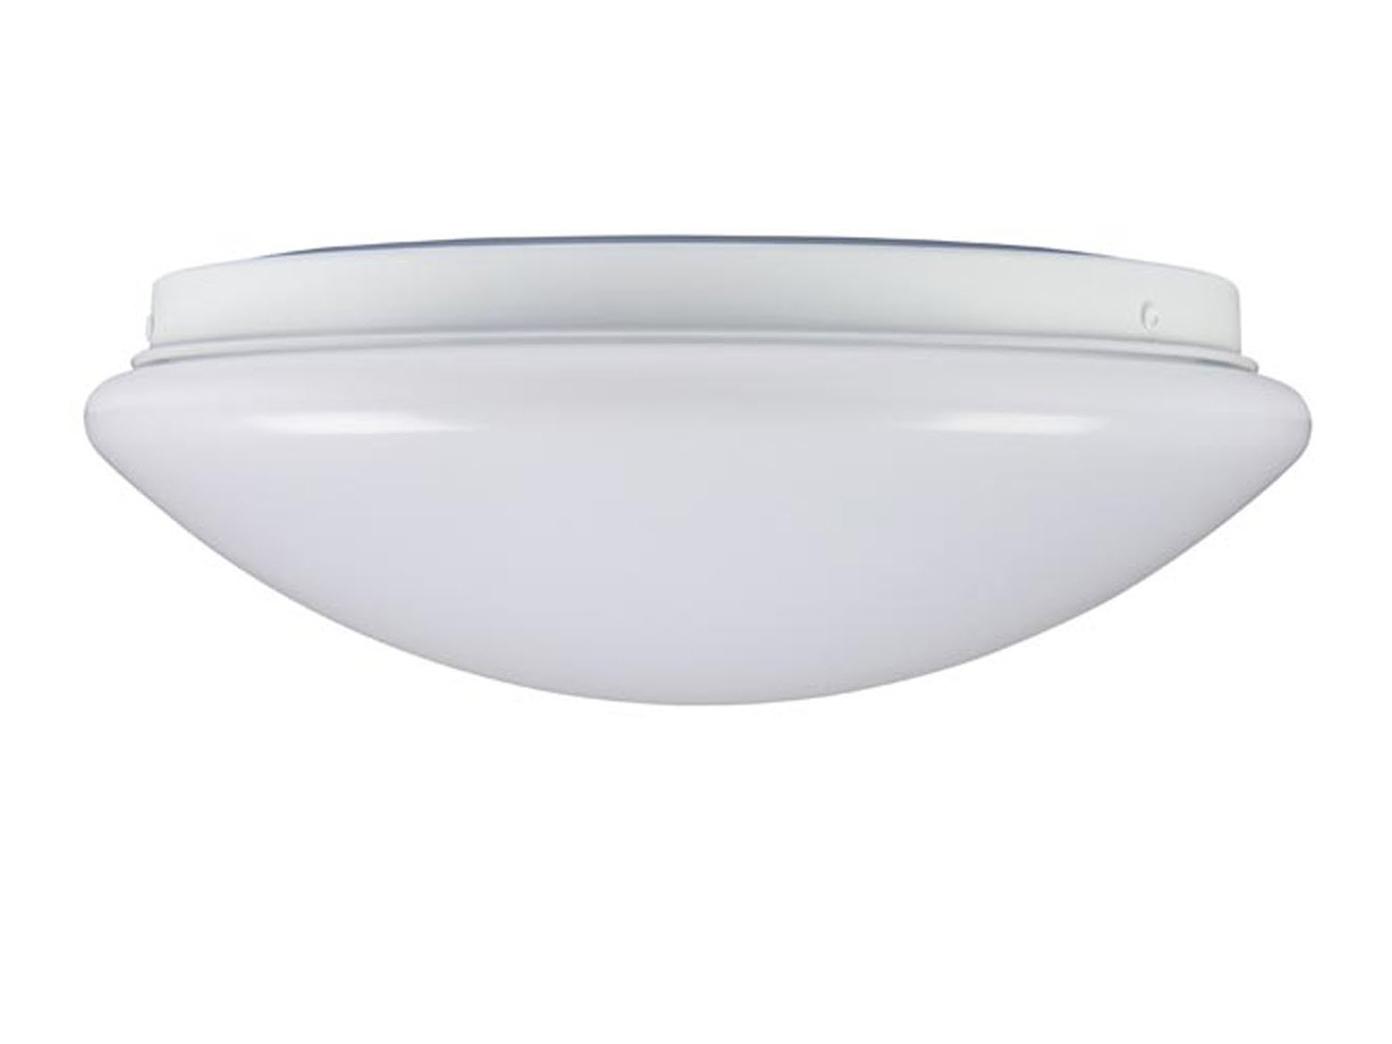 led deckenlampe rund deckenleuchte wei 26cm deckenbeleuchtung flur diele kaufen bei setpoint. Black Bedroom Furniture Sets. Home Design Ideas